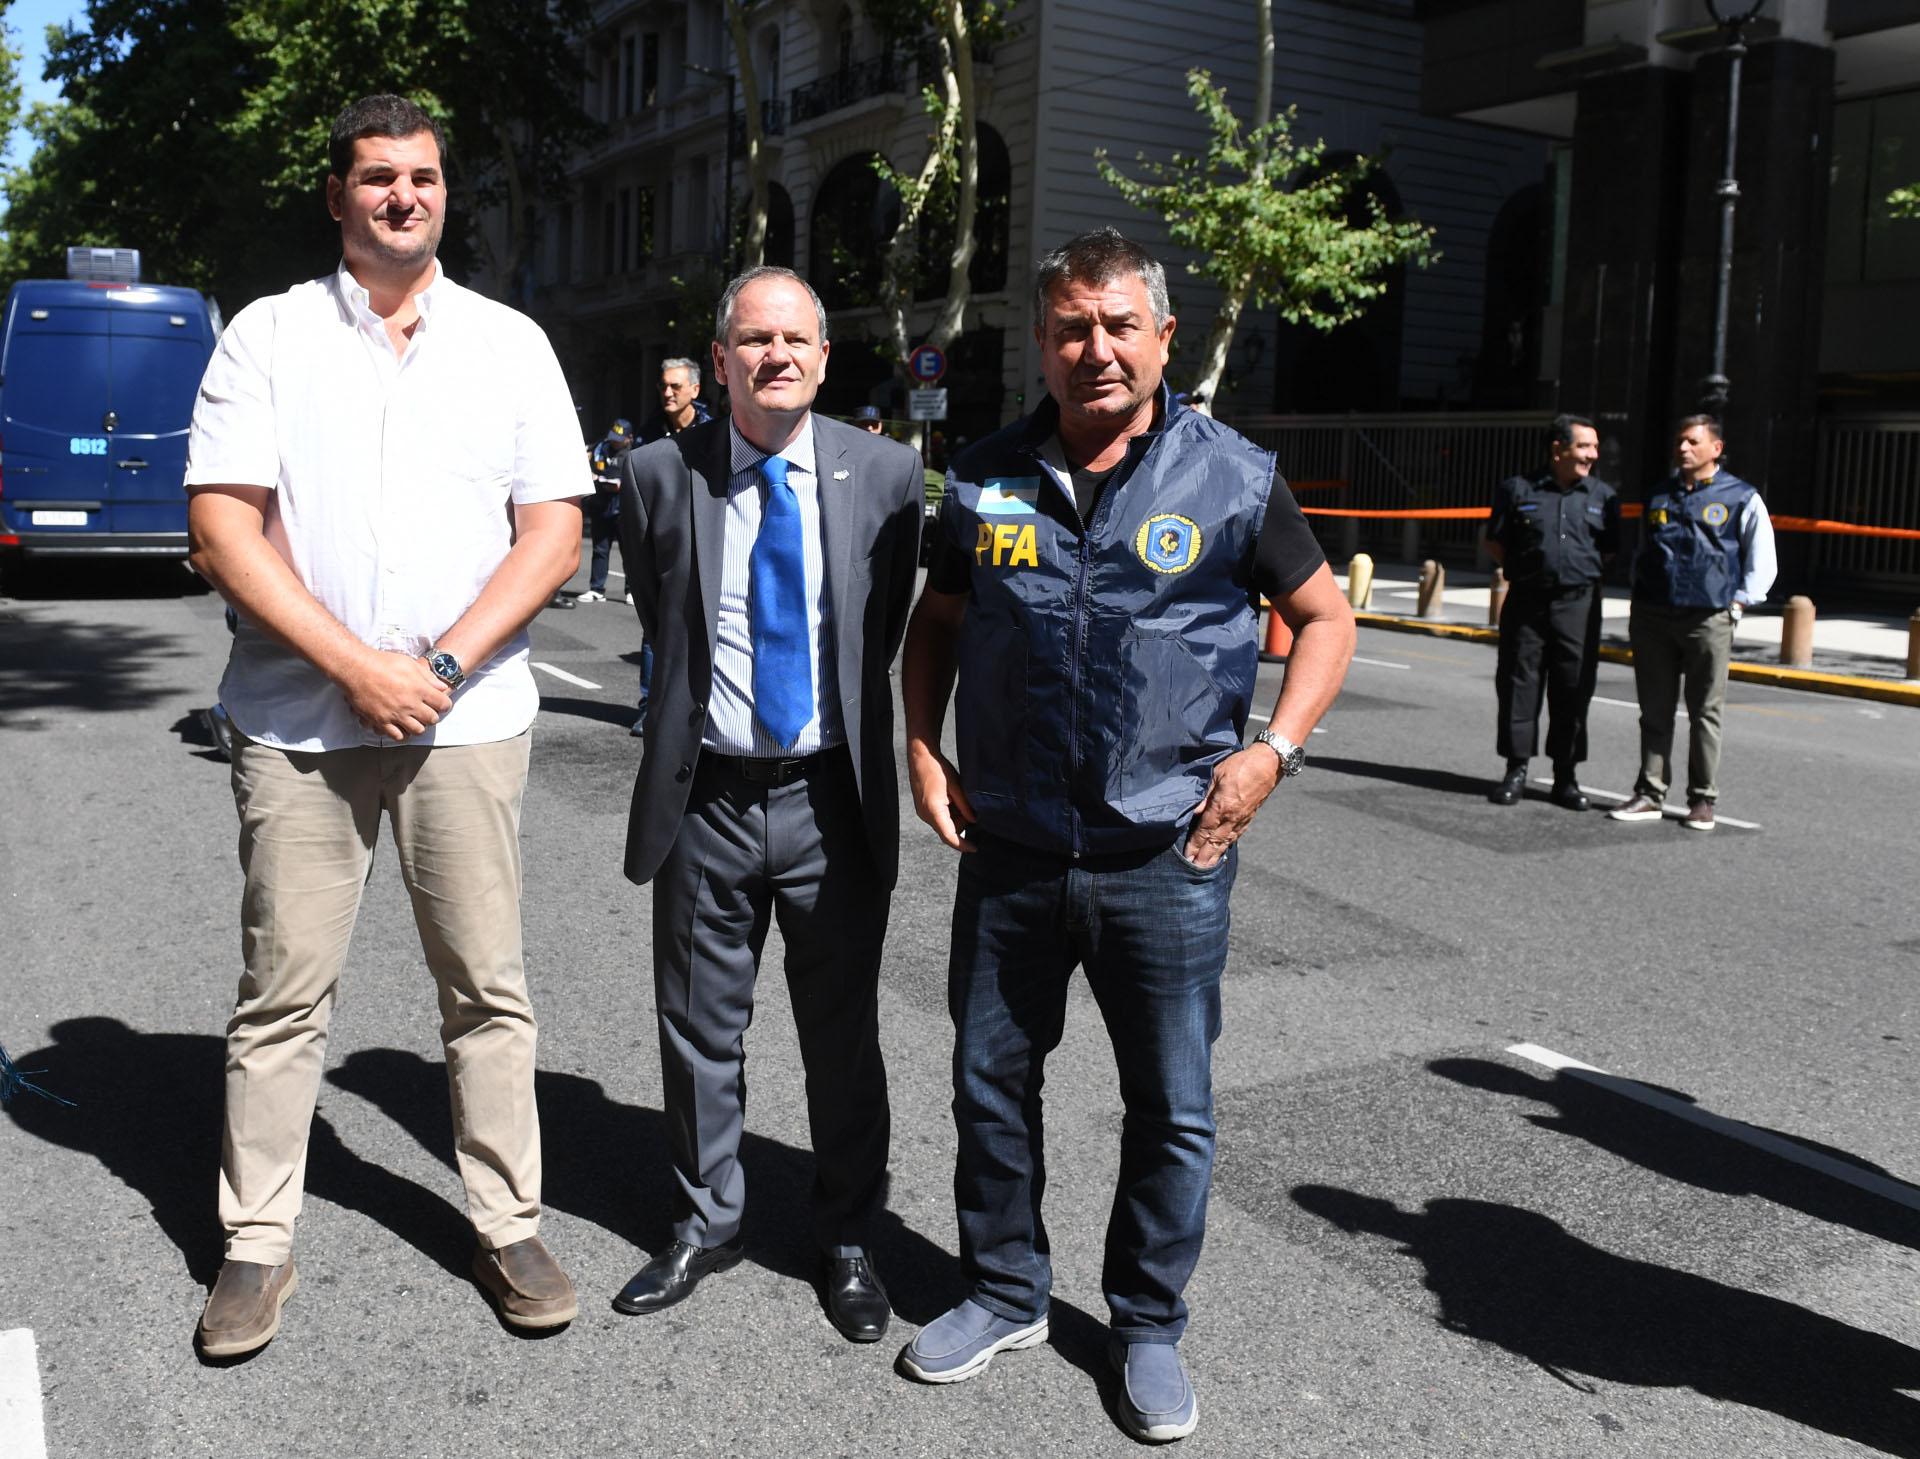 El secretario Eugenio Burzaco, el embajador Ilan Sztulman y el jefe de la Policía FederalNéstor Roncaglia monitorearon el simulacro